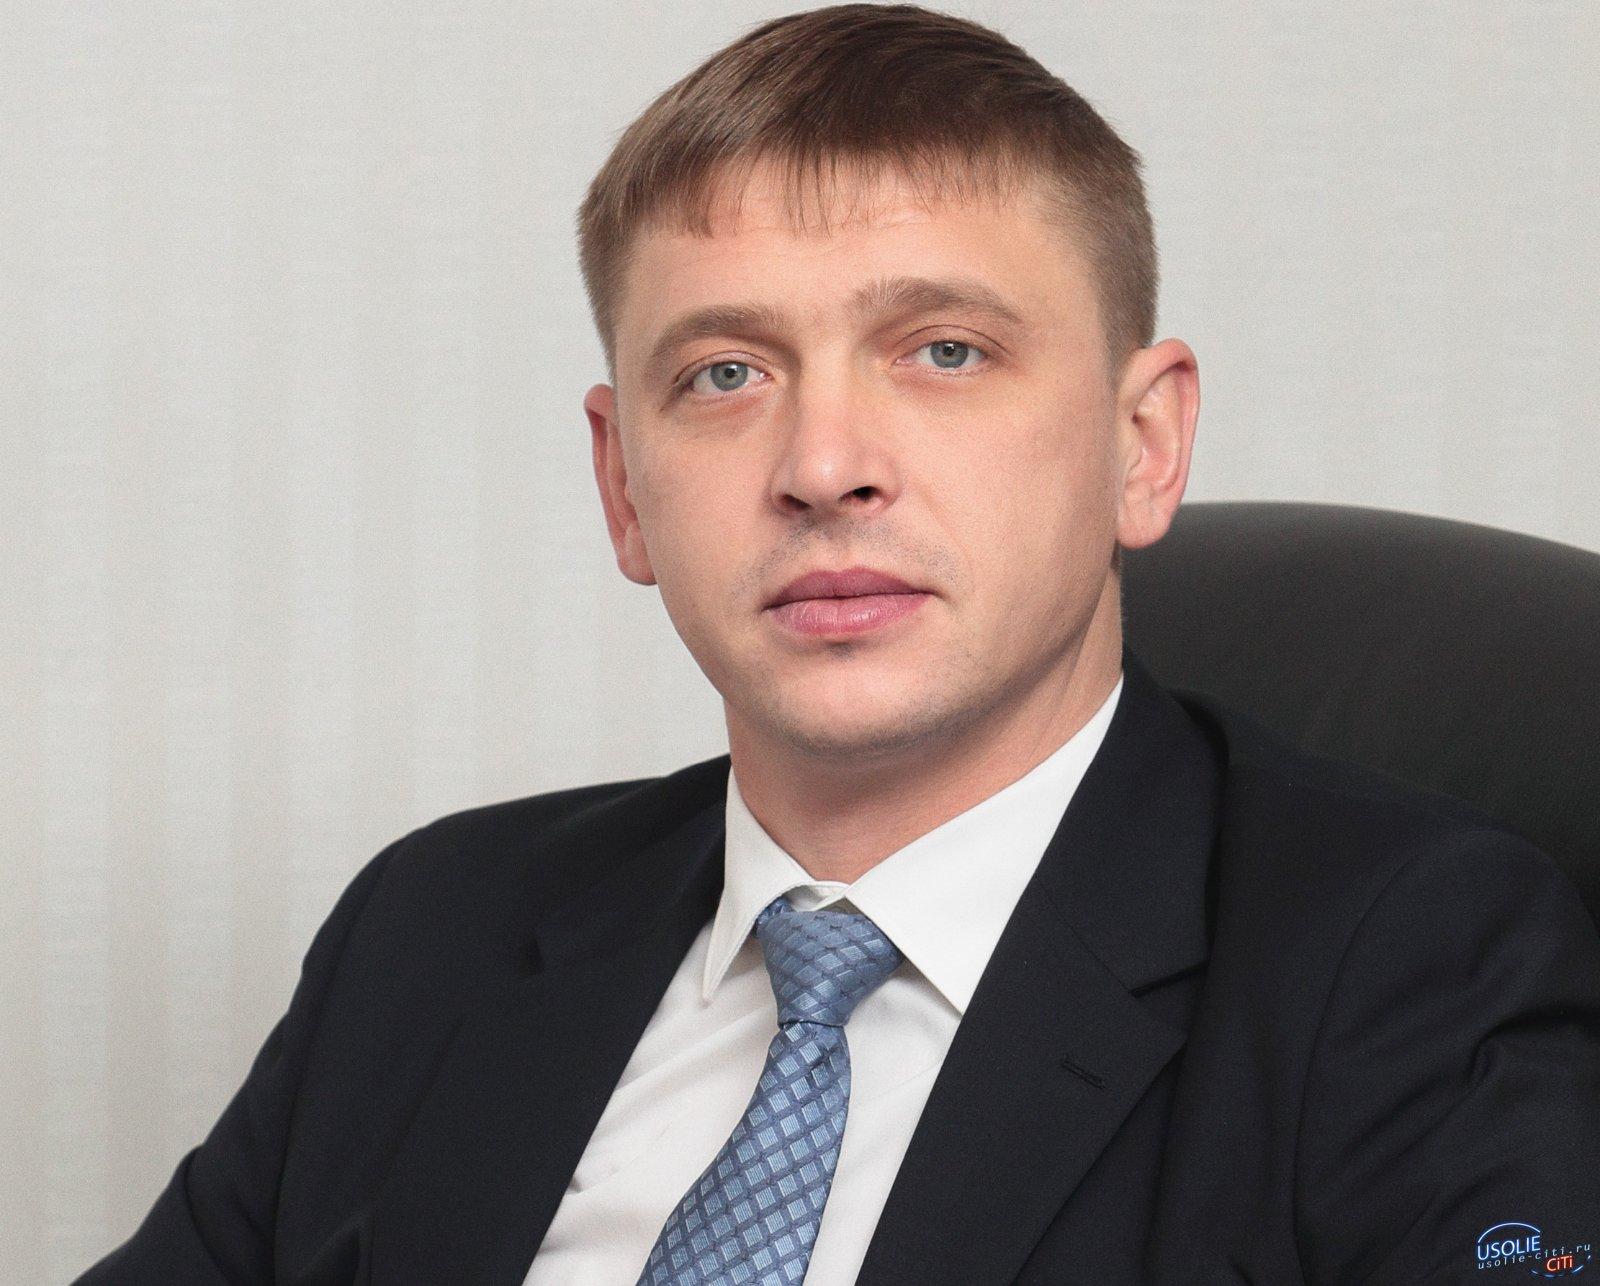 Антон Красноштанов: От всей души желаю вам мирной, счастливой жизни